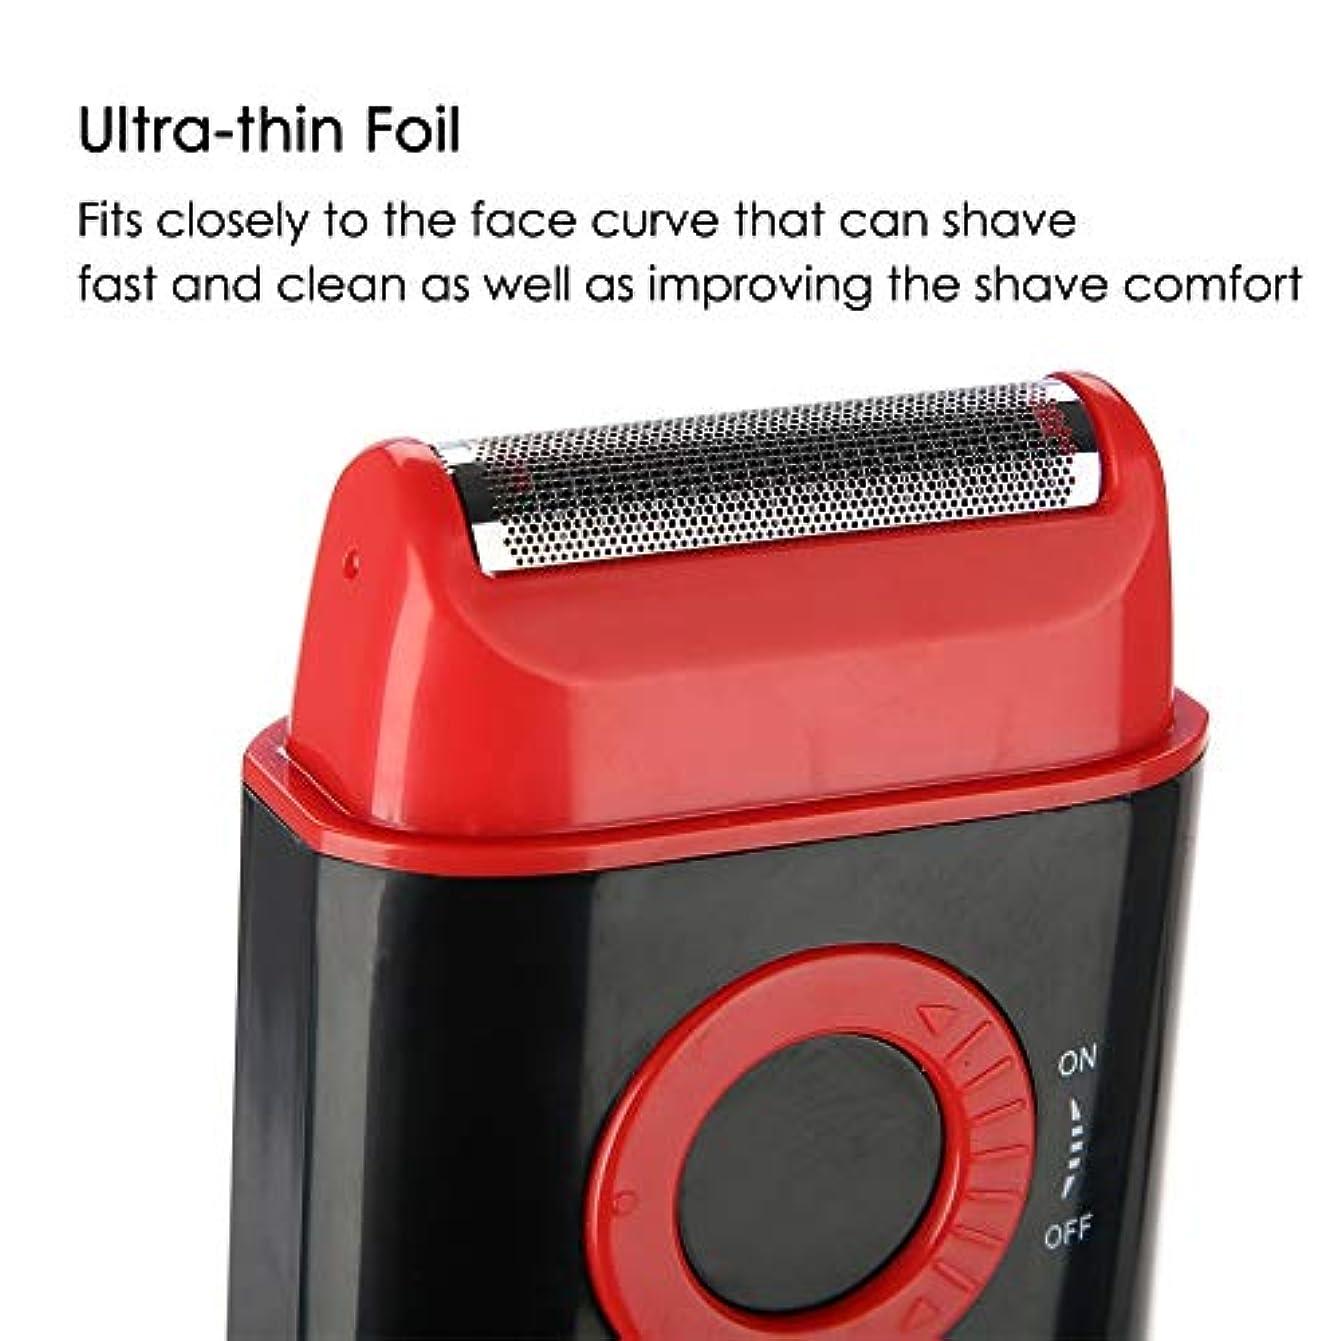 前書き個性ロビー電気シェーバー 剃刀 男性 超薄型箔ポップアップひげトリマー単3電池のパワーシェービングカミソリ (レッド)